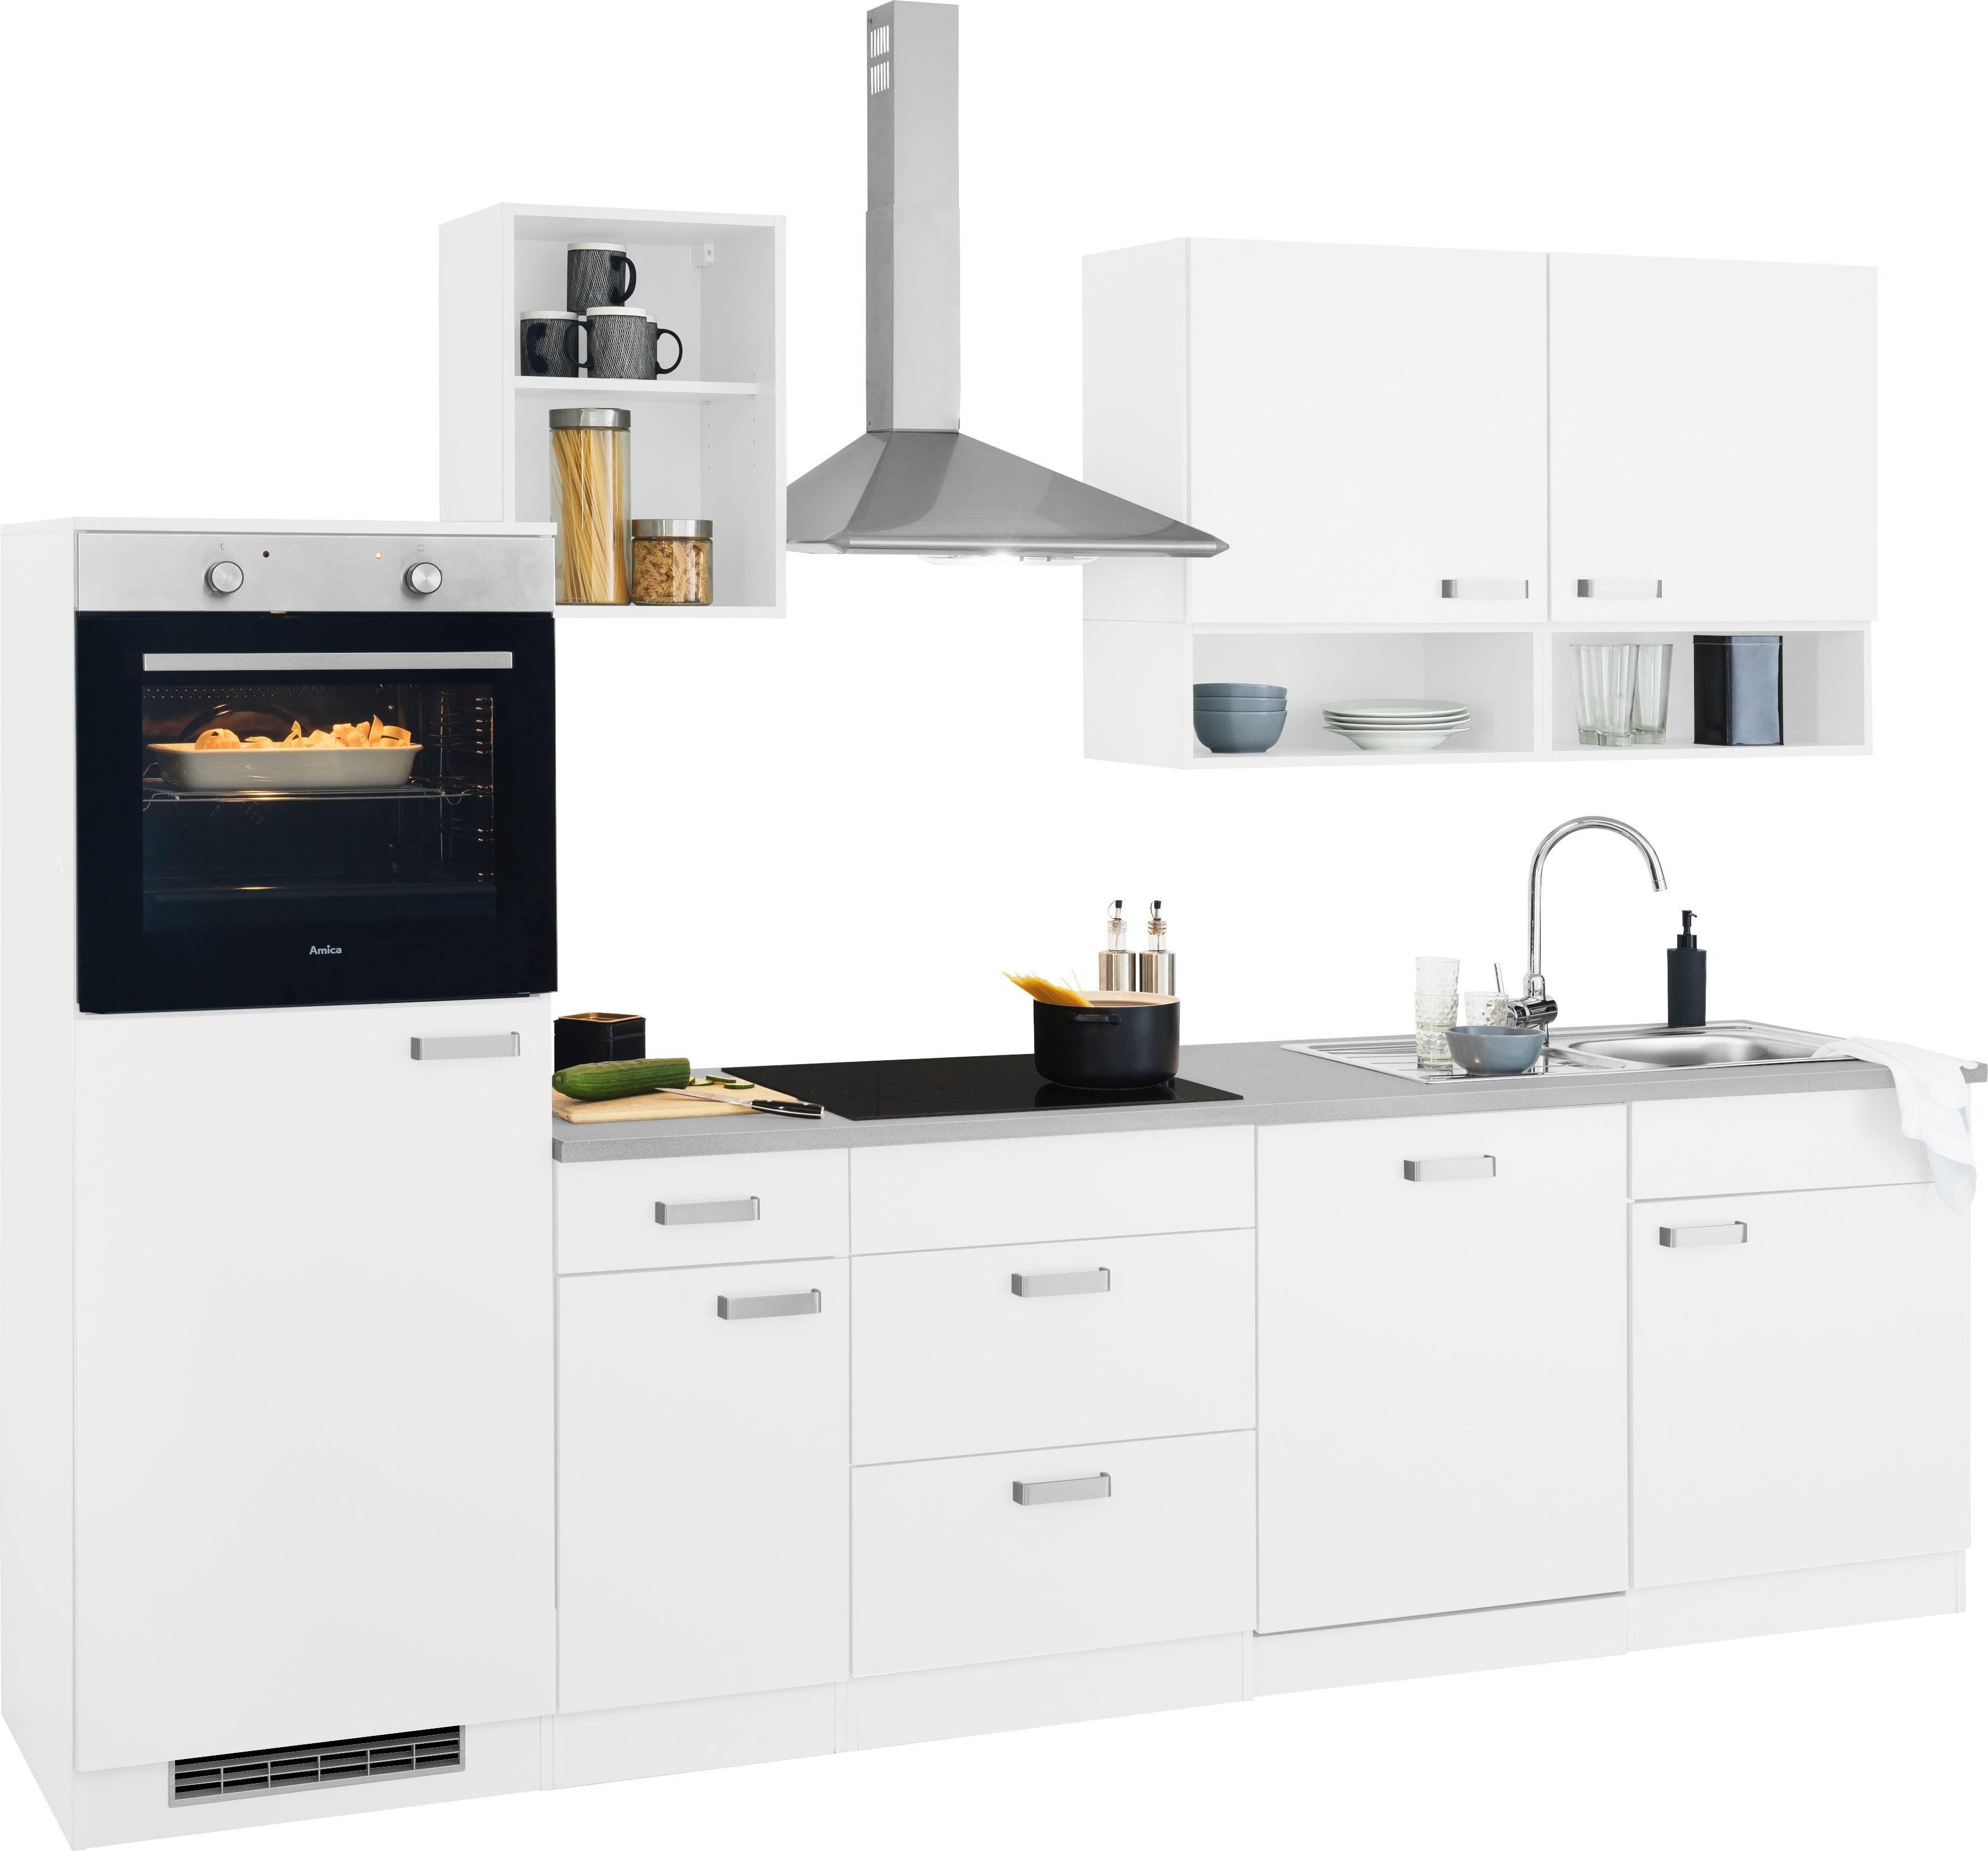 Küchenzeilen online kaufen  Möbel-Suchmaschine  ladendirekt.de